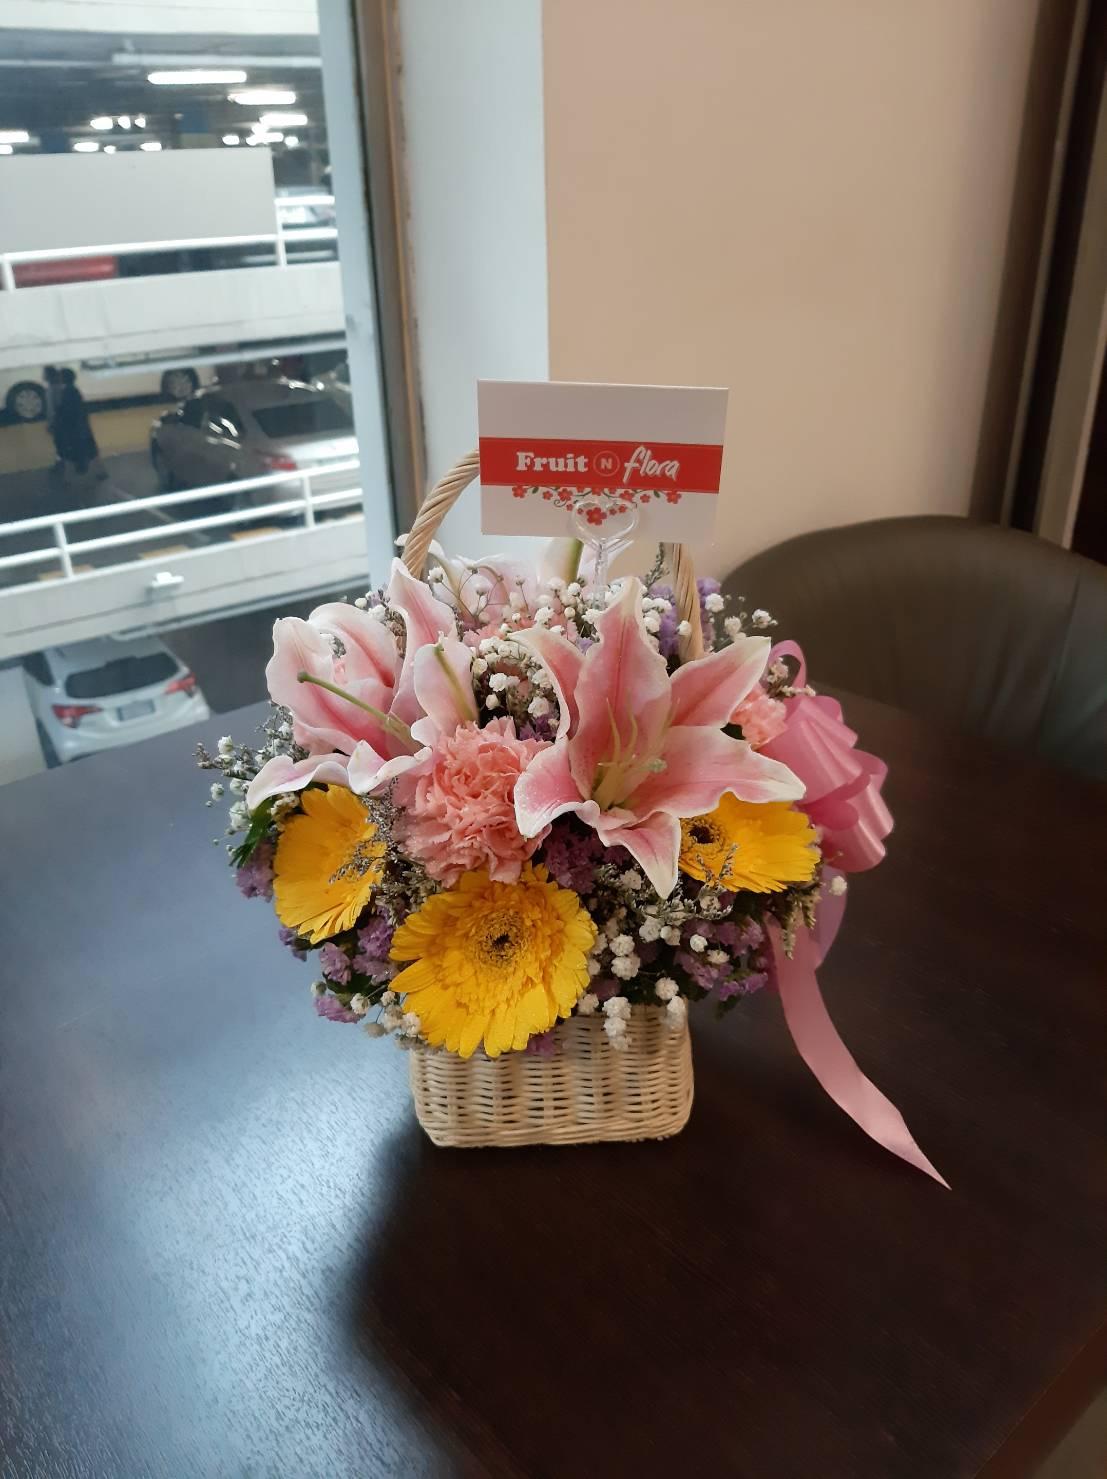 ดอกลิลลี่ คาร์เนชั่น และมัม รวมตัวกันอยู่ในกระเช้าดอกไม้ไซส์เล็กน่ารัก